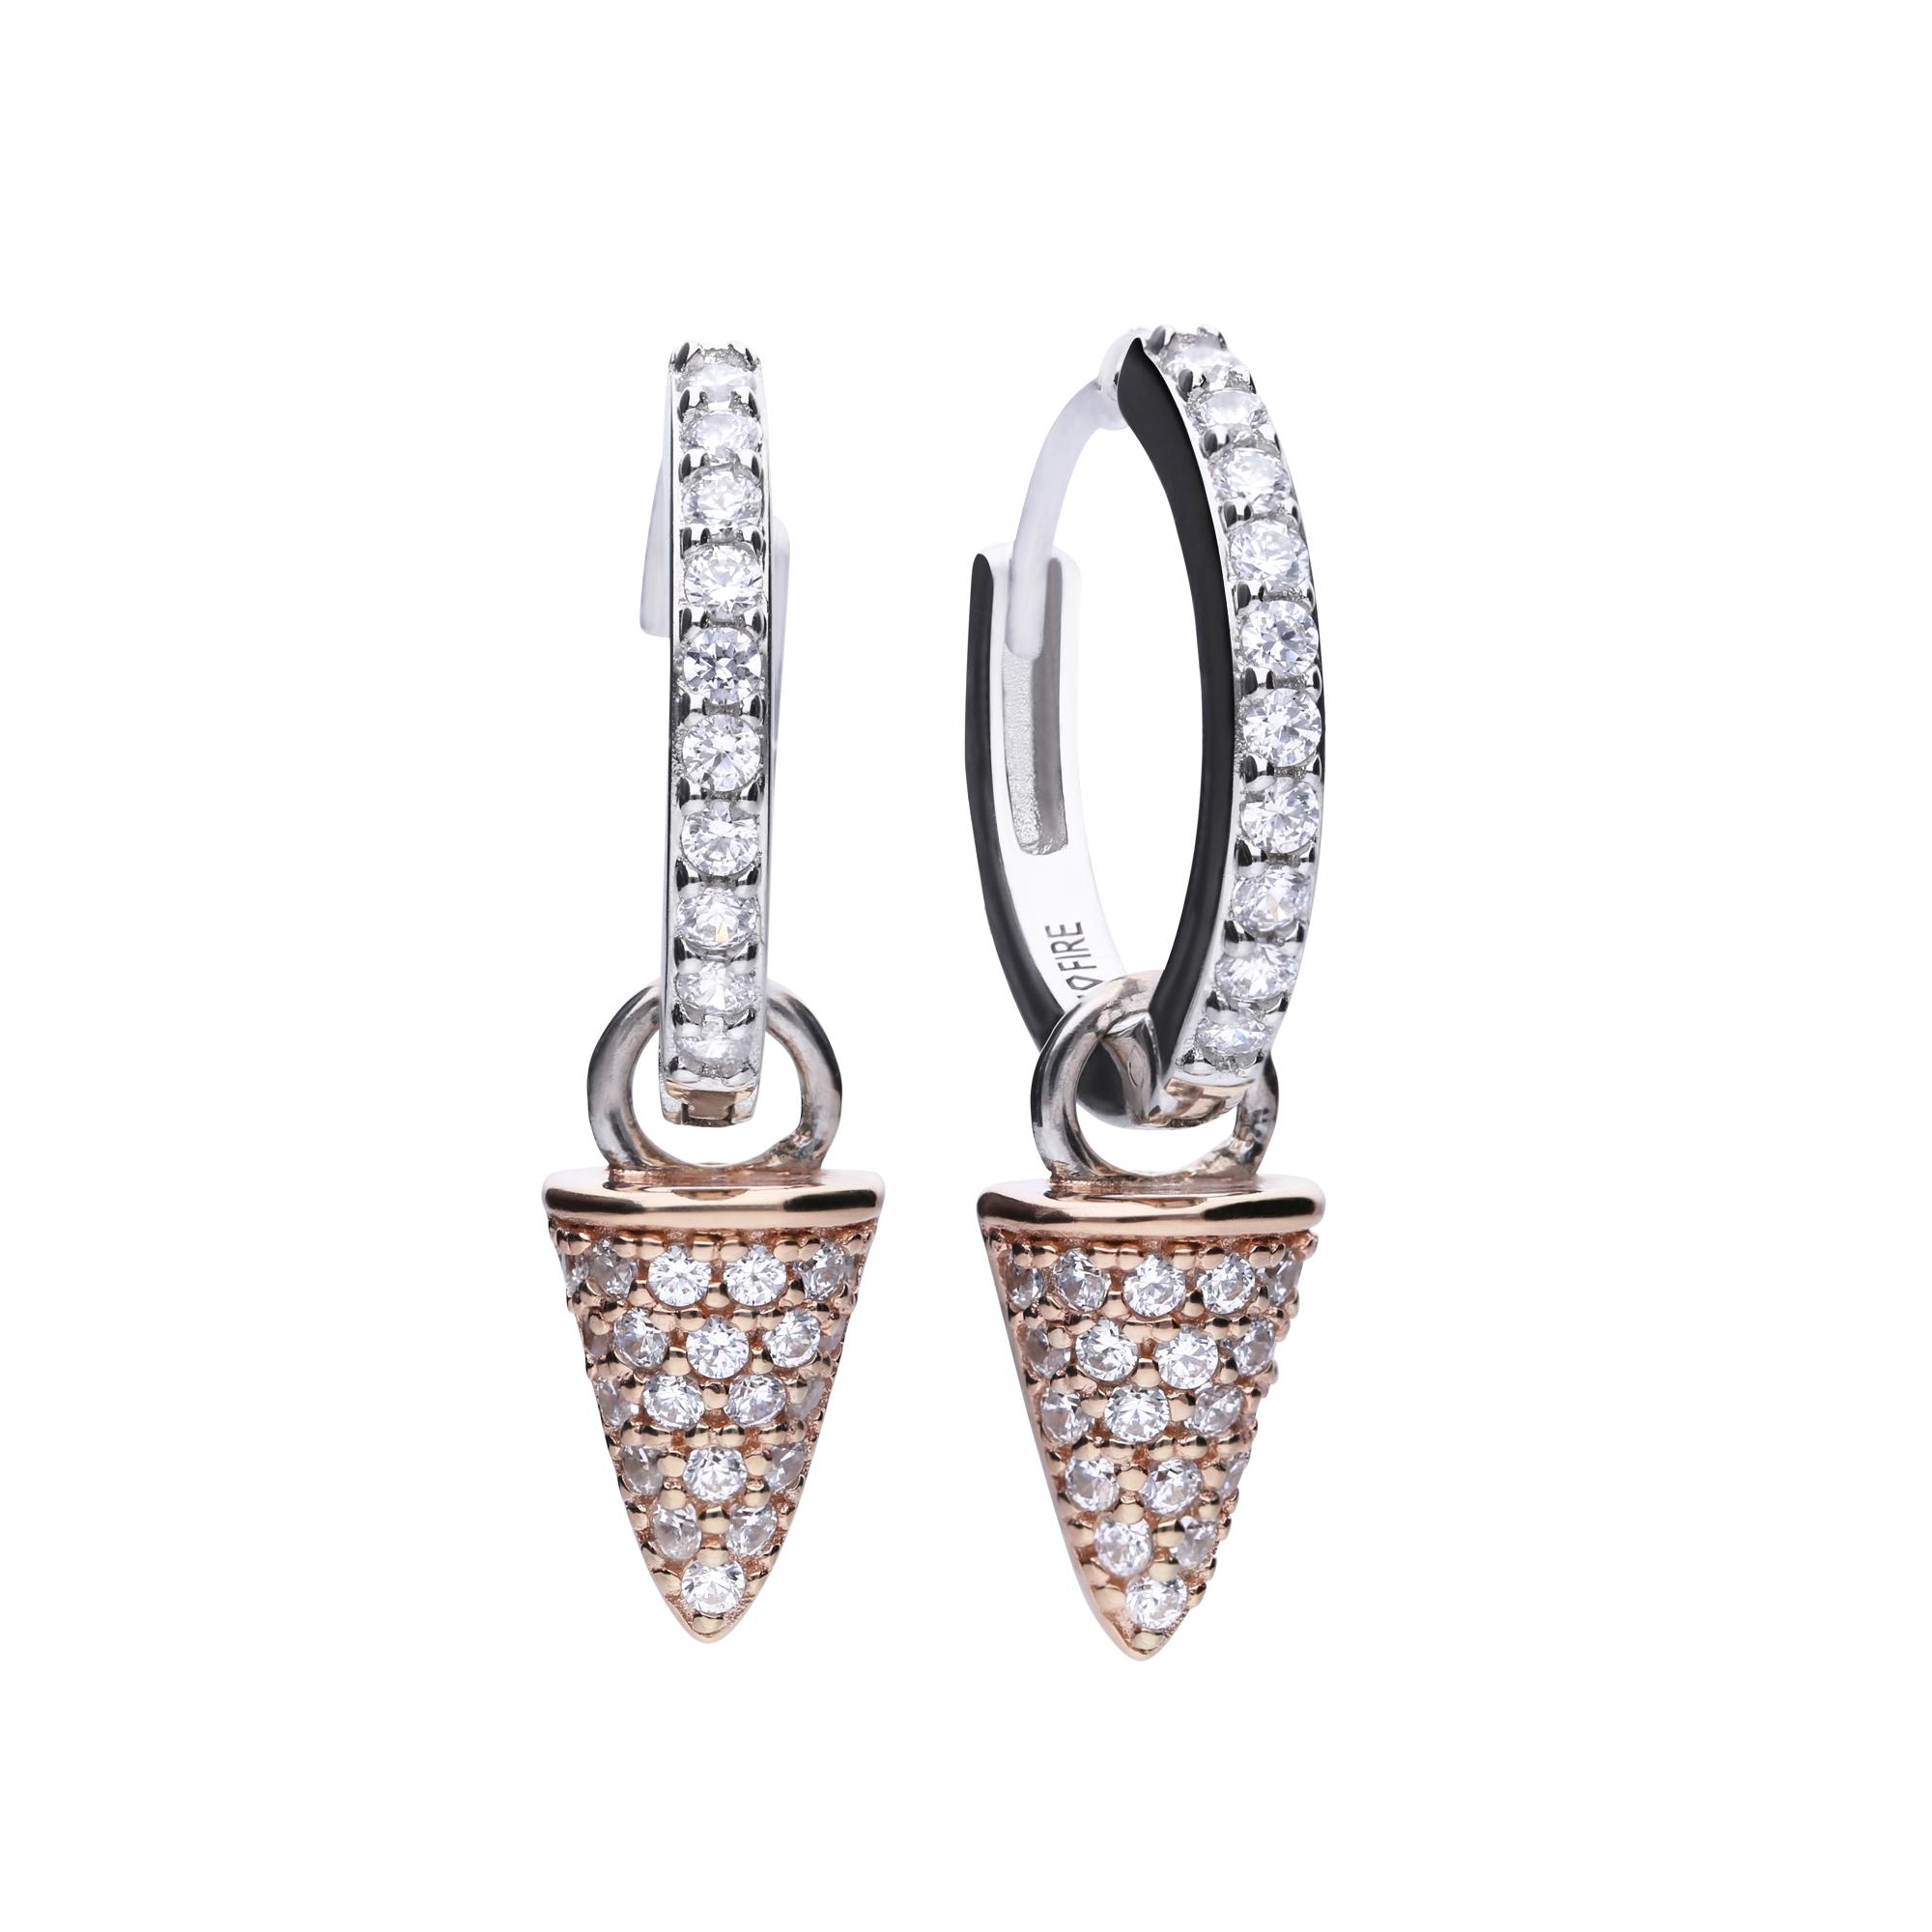 Ohrhänger Silber 925 bicolor Hänger Kegel vergoldet große Ohrringe kegelförmig